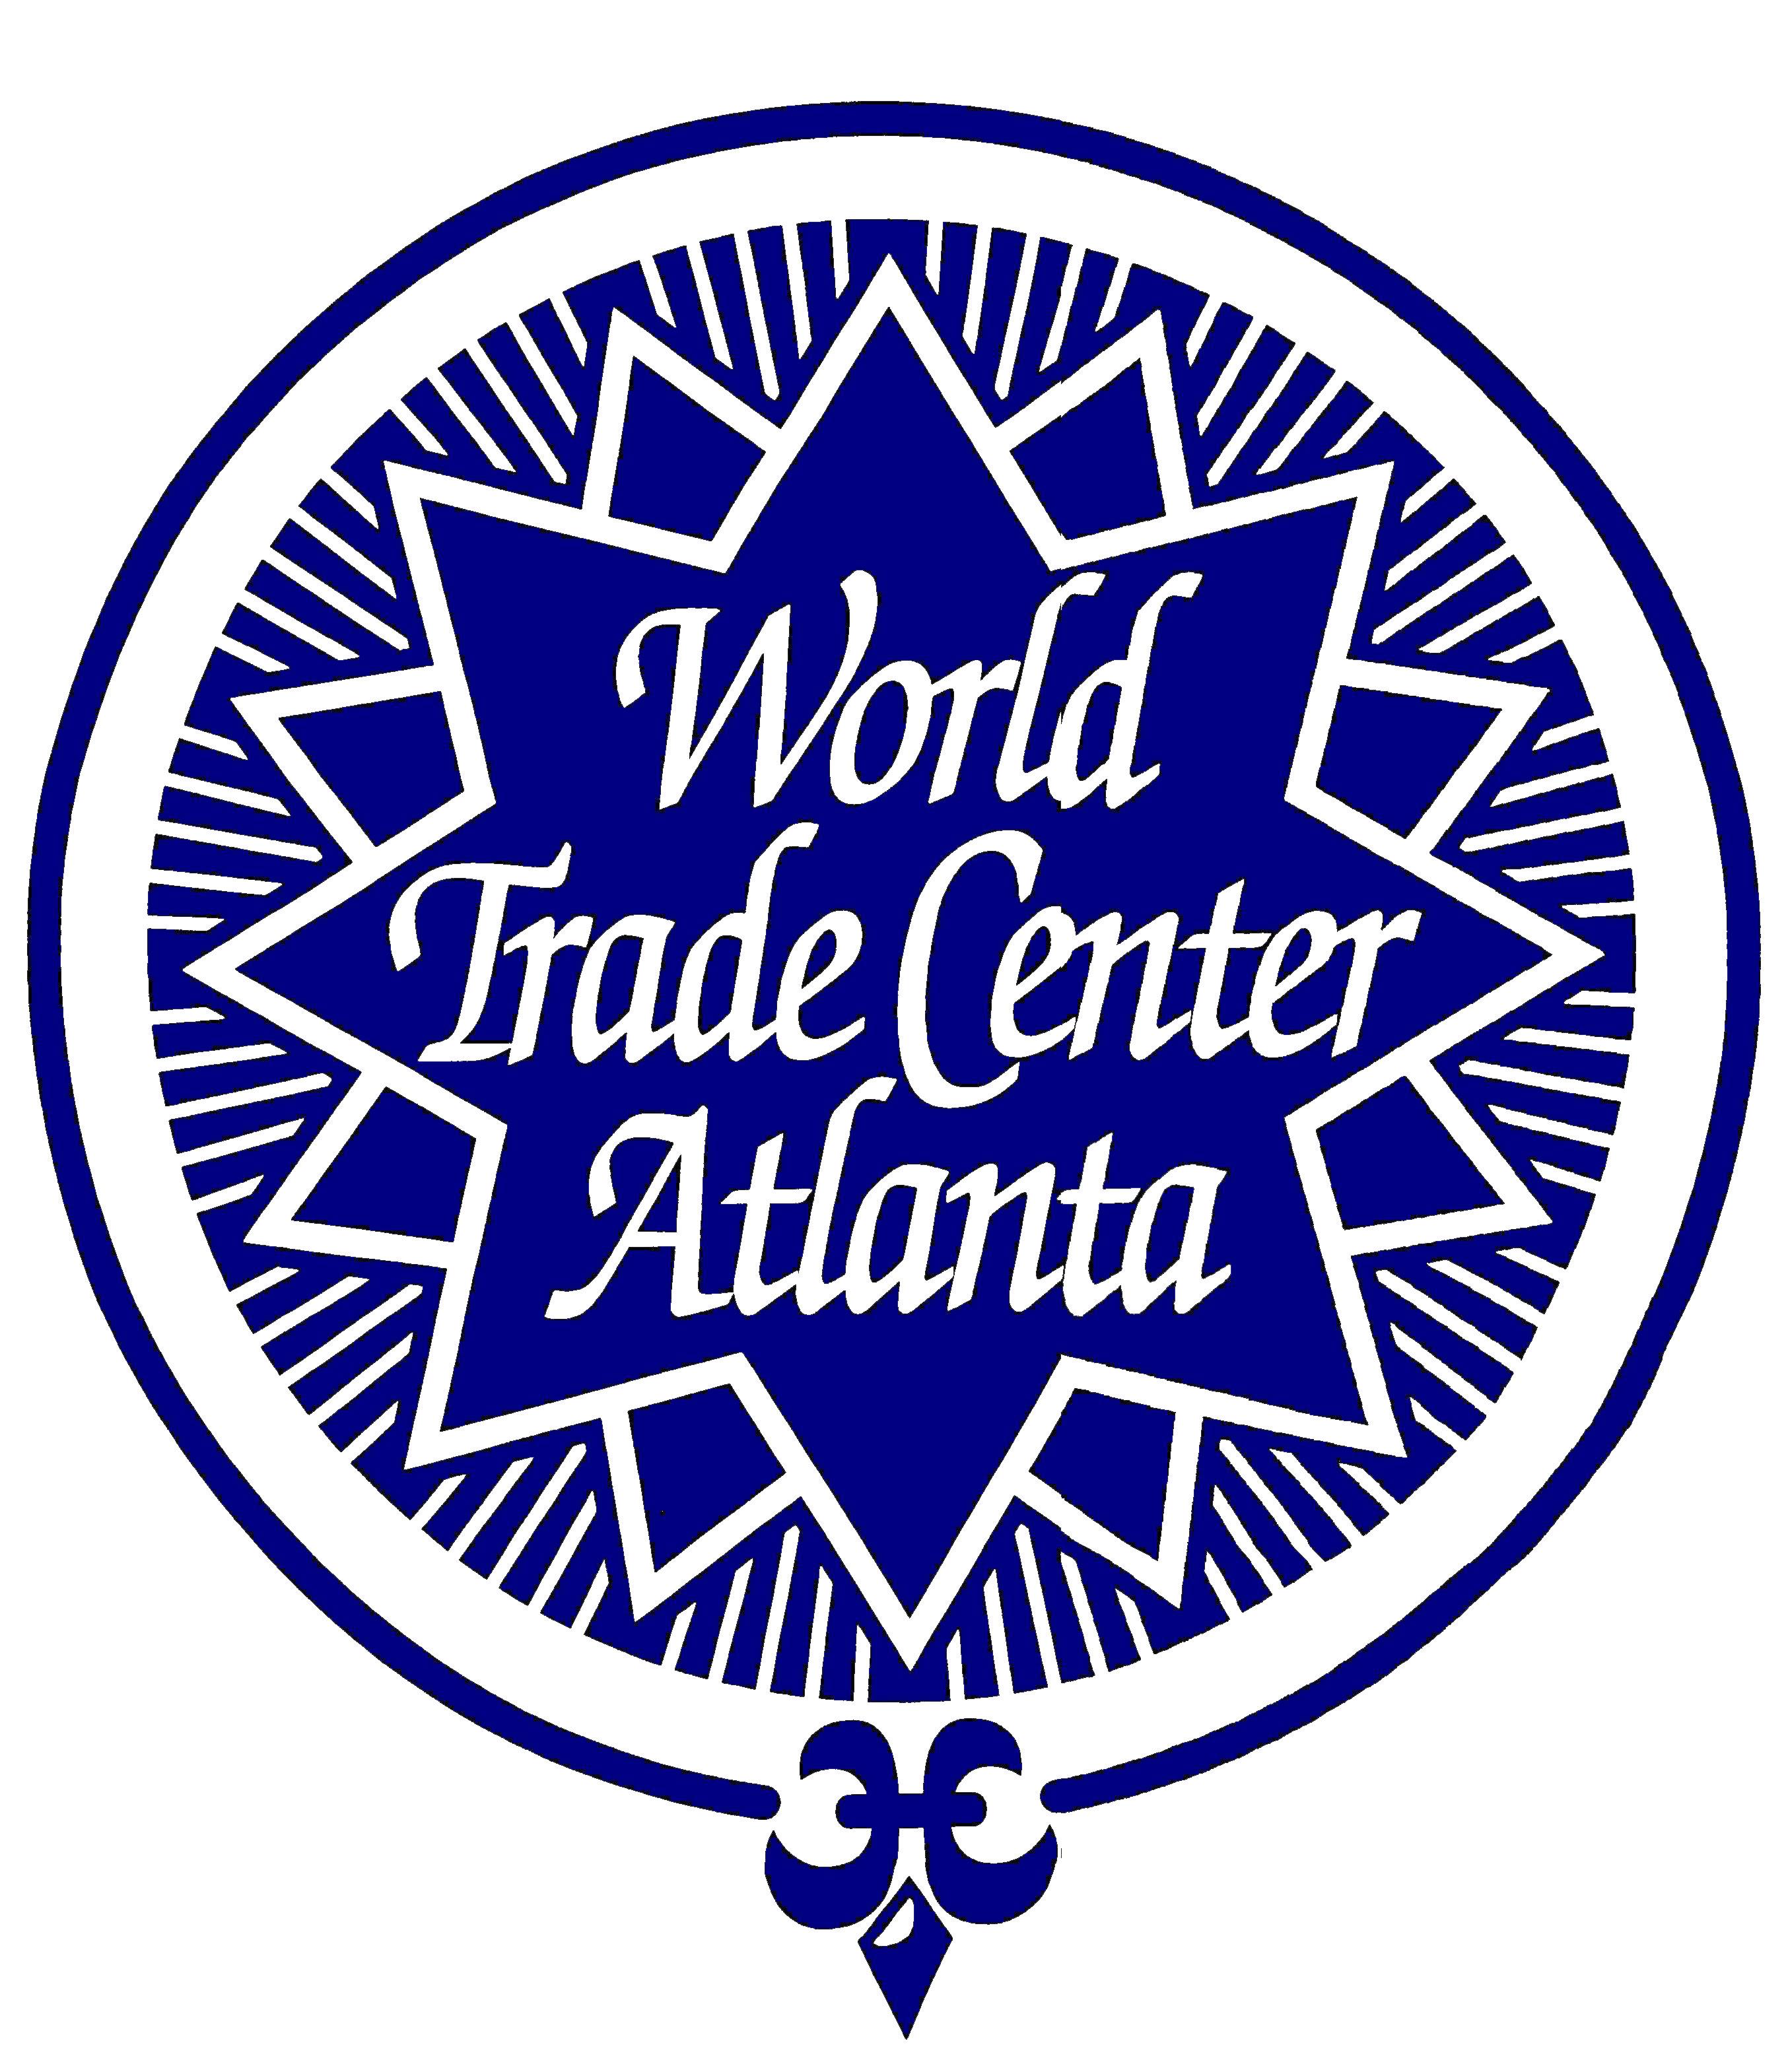 World Trade Center Atlanta